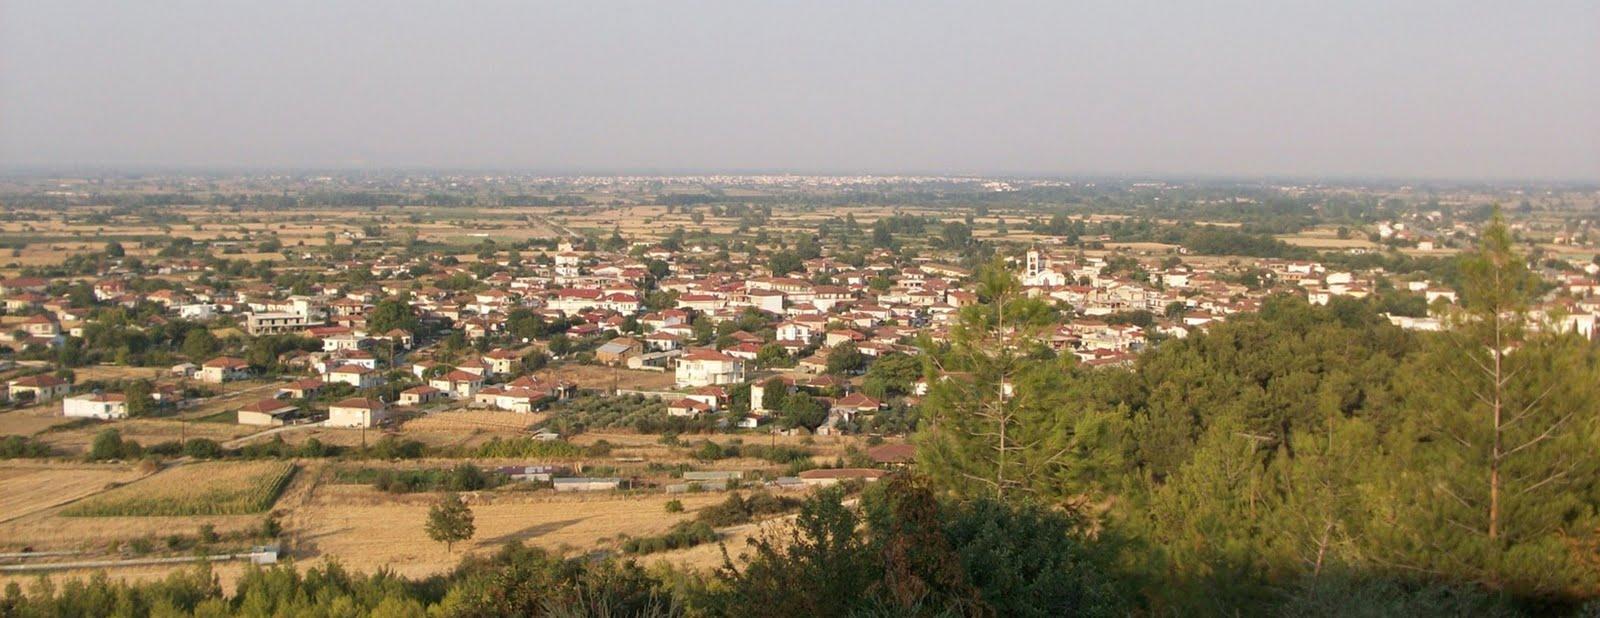 Ελ Ντοράντο λόφοι που χρονολογούνται περιοχές γνωριμιών του HIV στη Ζιμπάμπουε